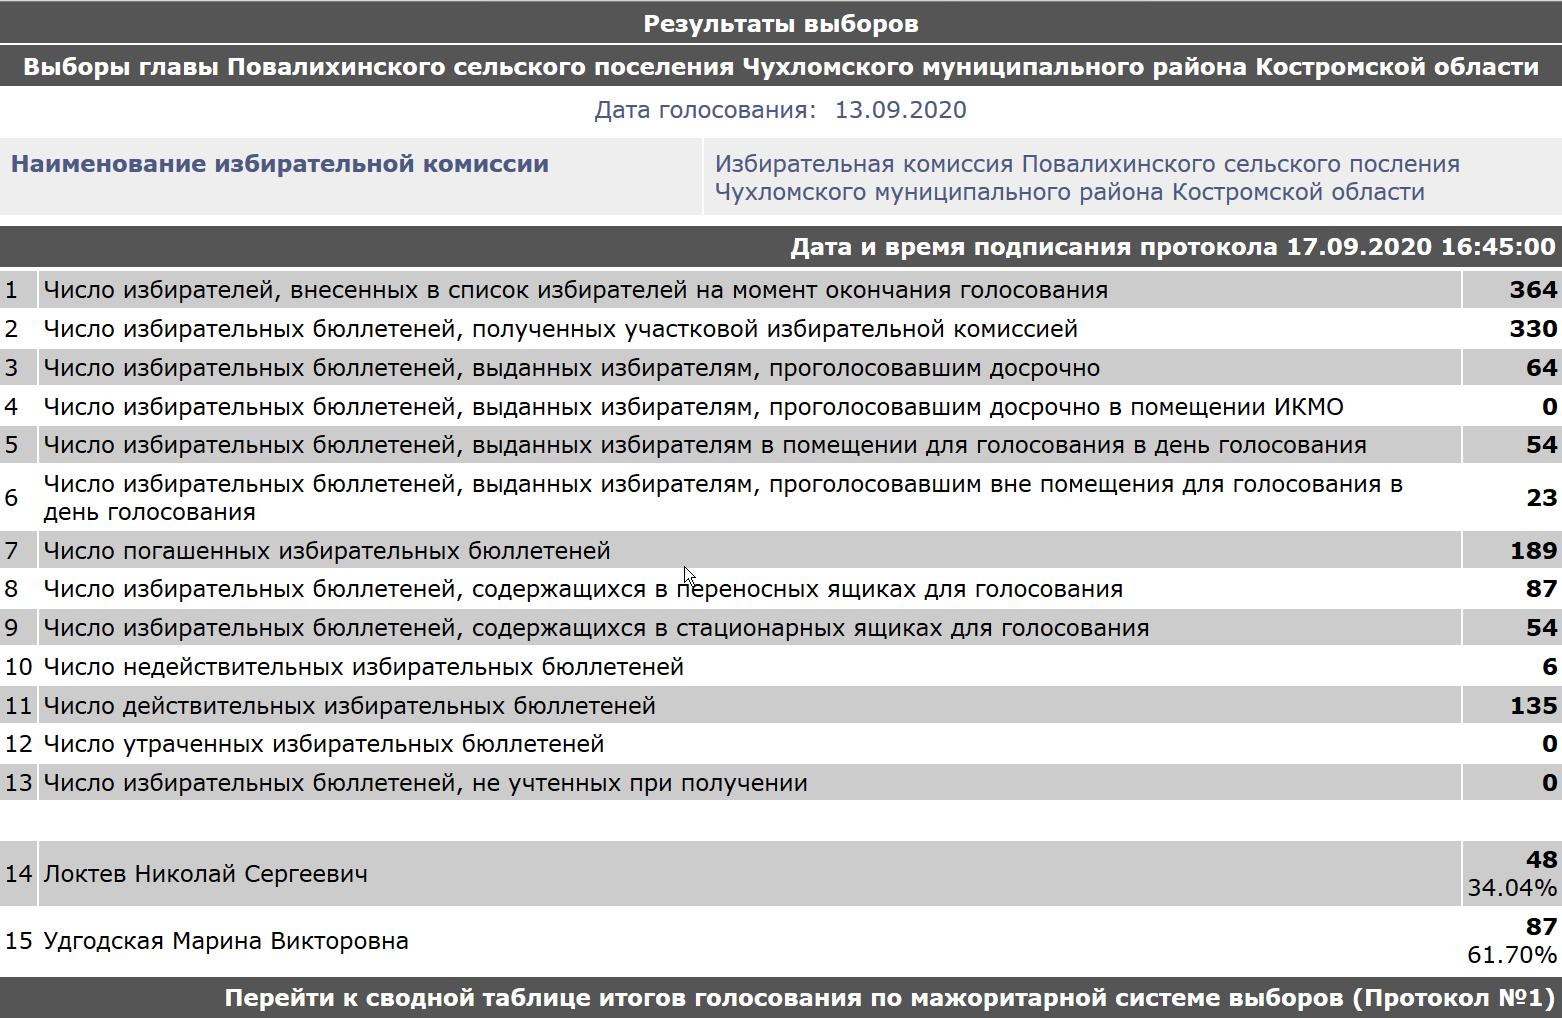 результаты голосования на выборах главы Повалихинского сельского поселения Чухломского муниципального района Костромской области 13 сентября 2020 года